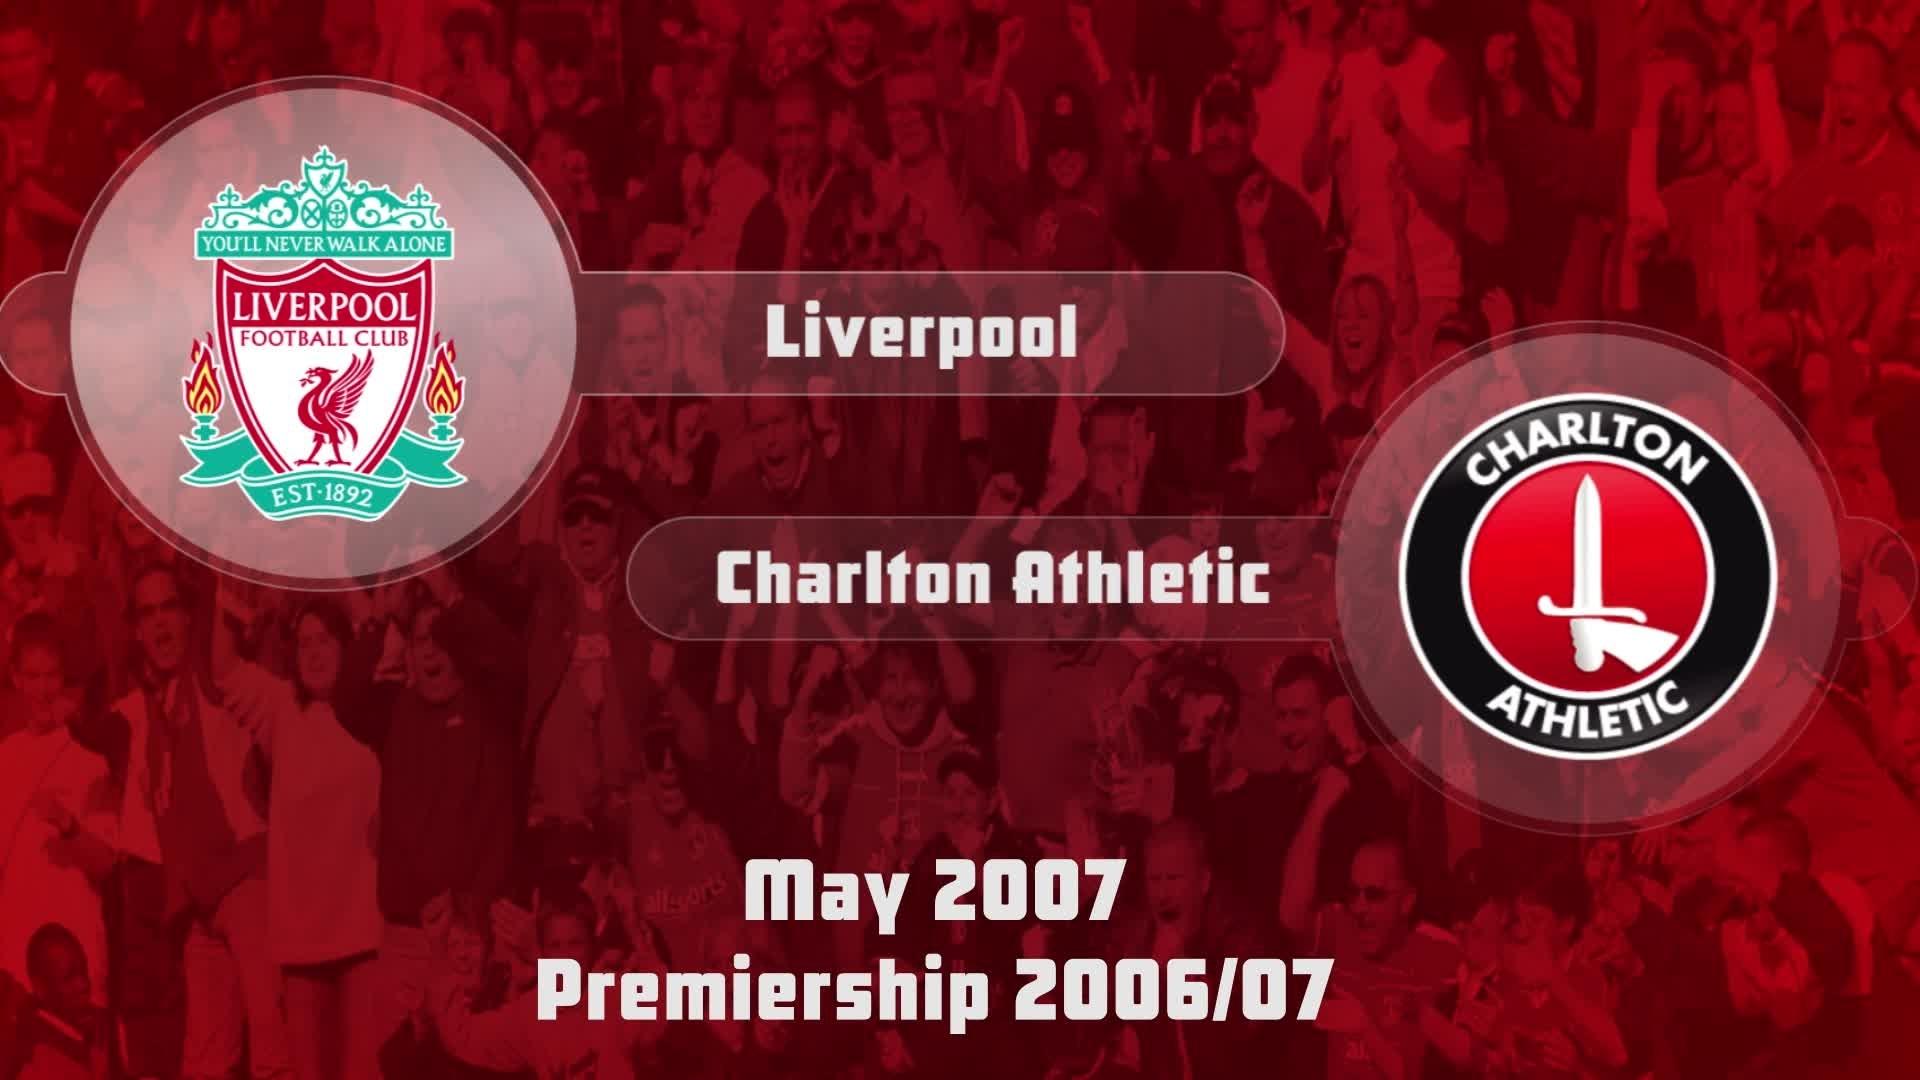 43 HIGHLIGHTS | Liverpool 2 Charlton 2 (May 2007)